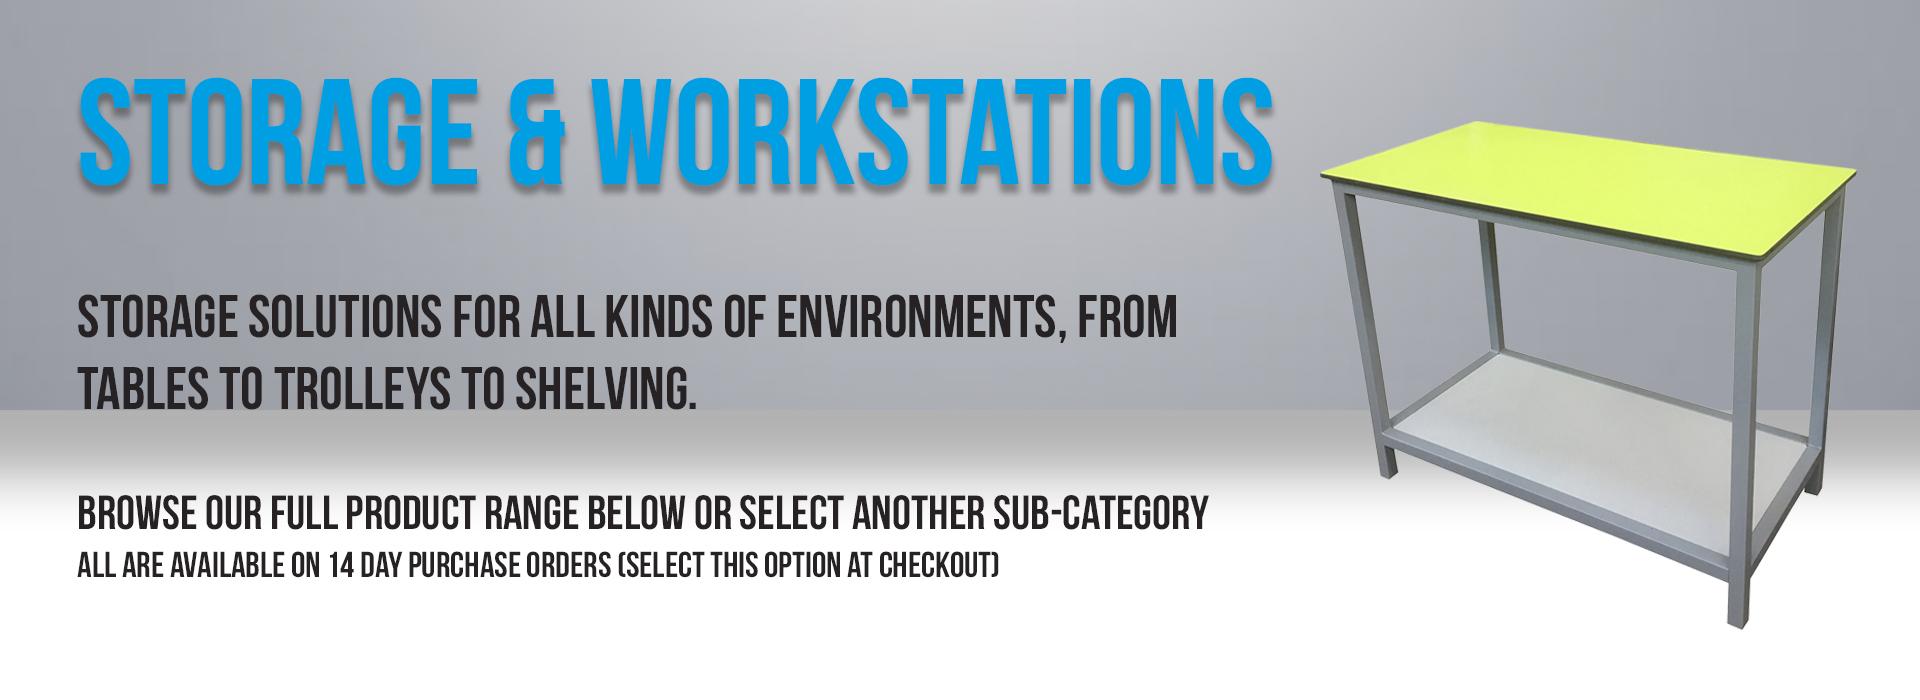 storage-workstations-banner.jpg